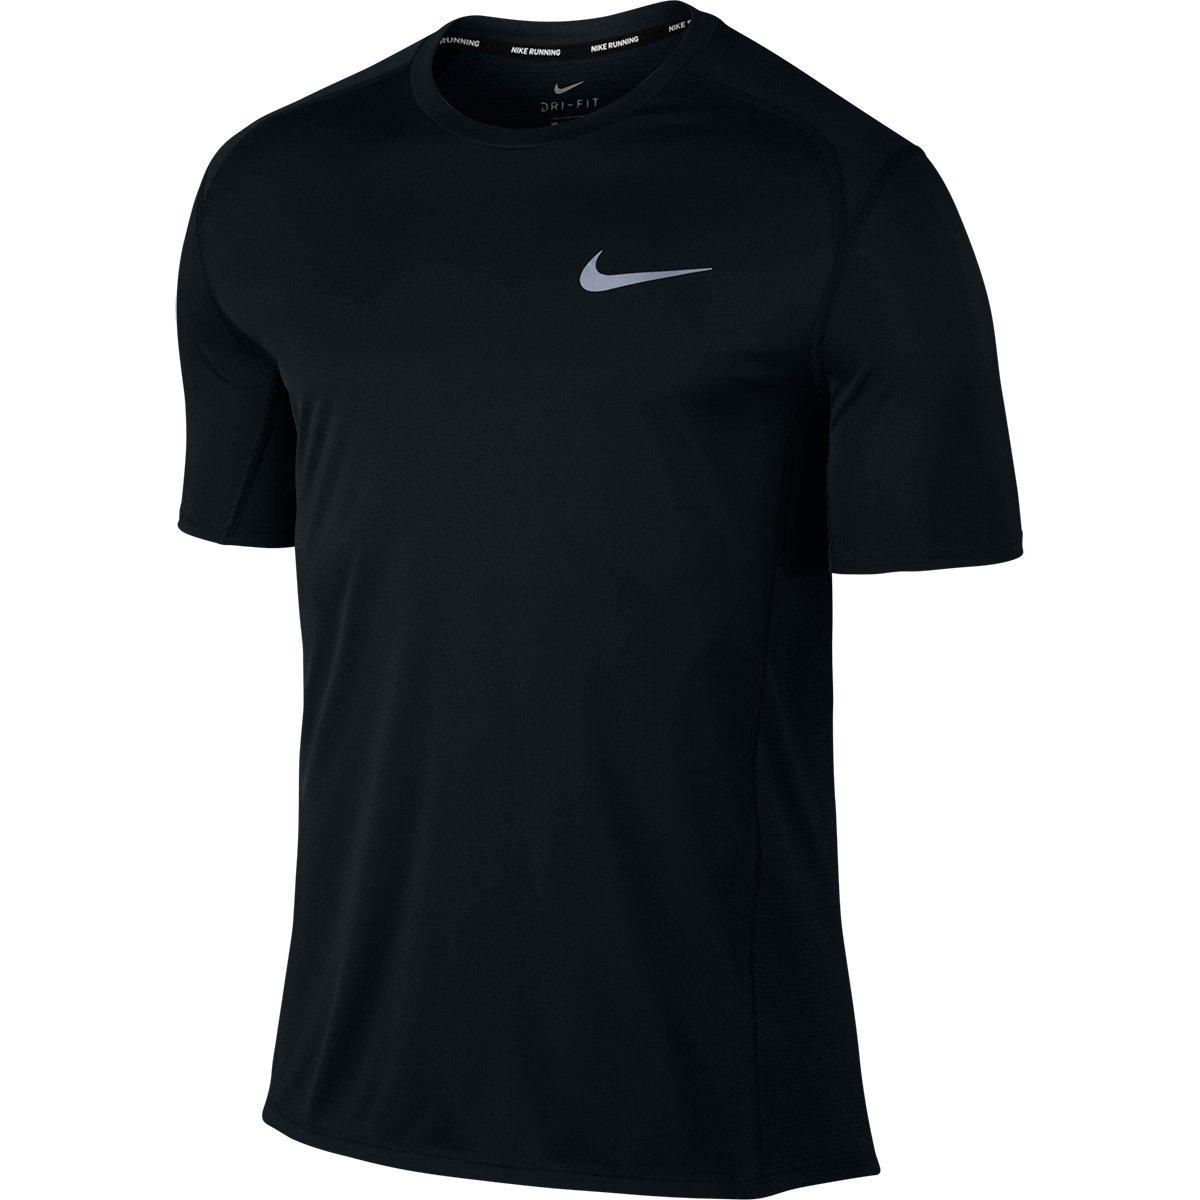 Camisetas Nike Masculinas - Melhores Preços  f3644140525f8